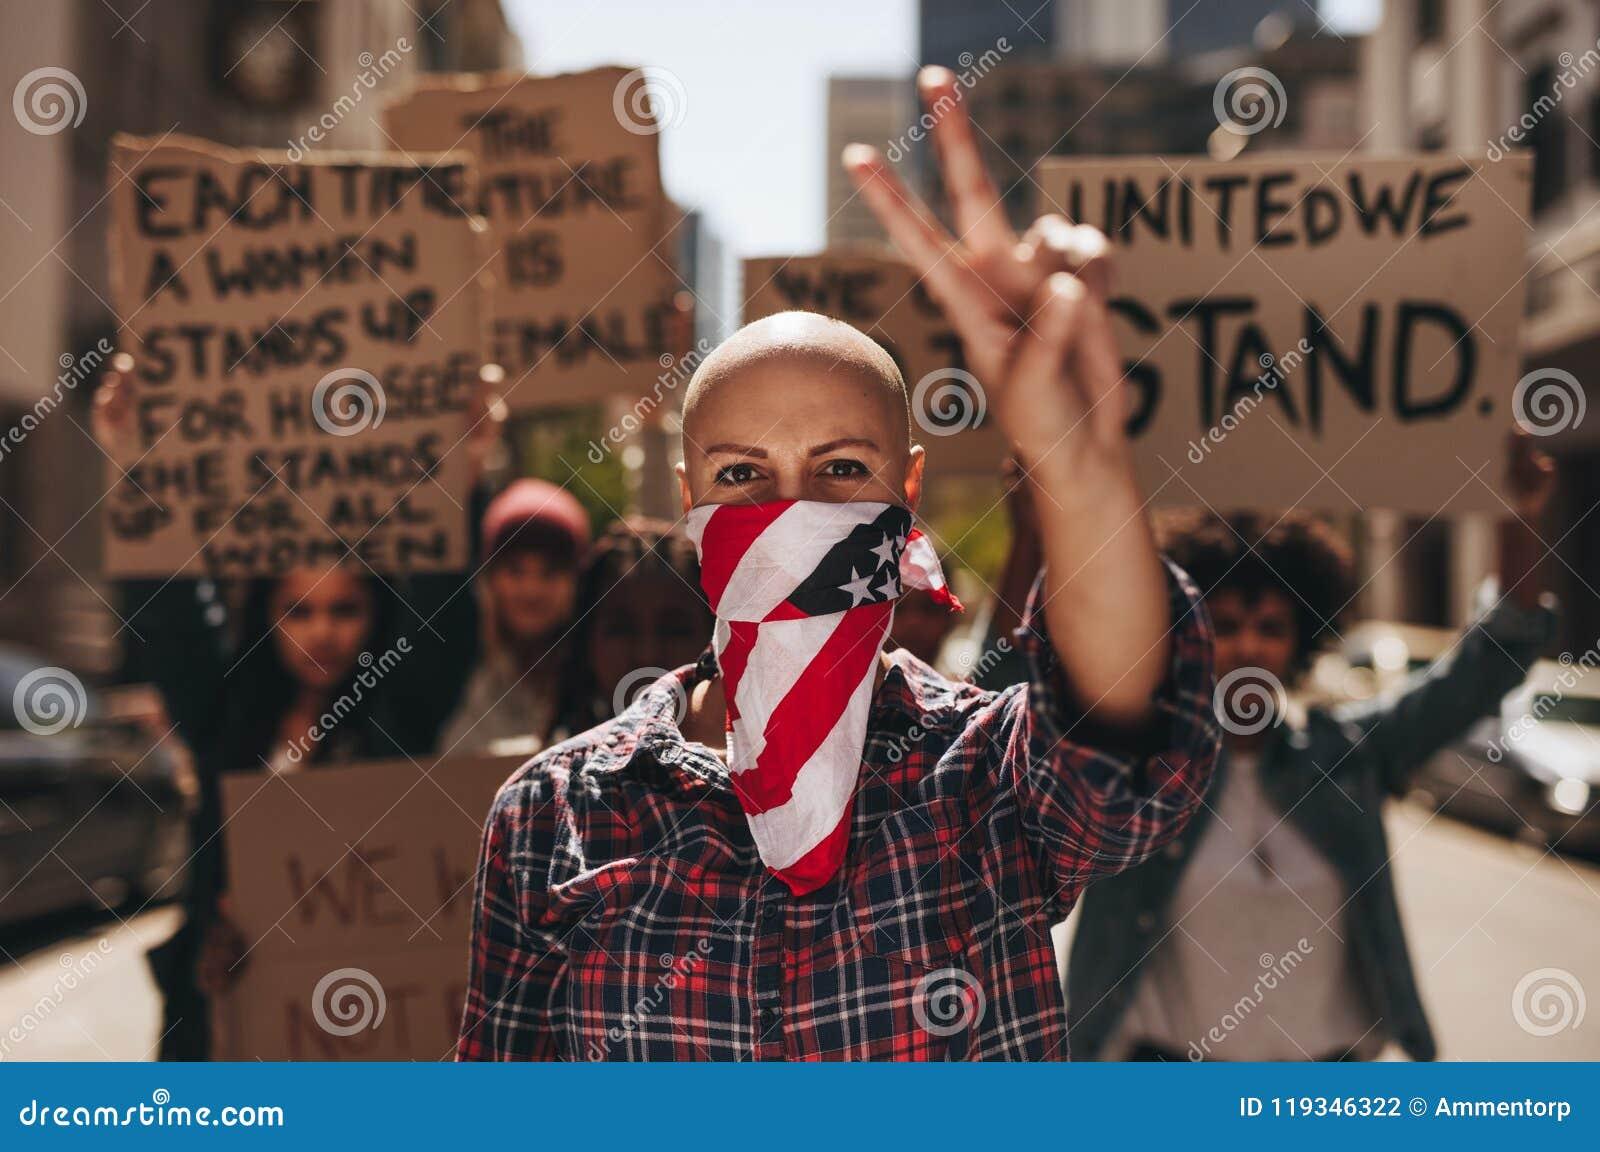 Protest mit Frieden und Ruhe